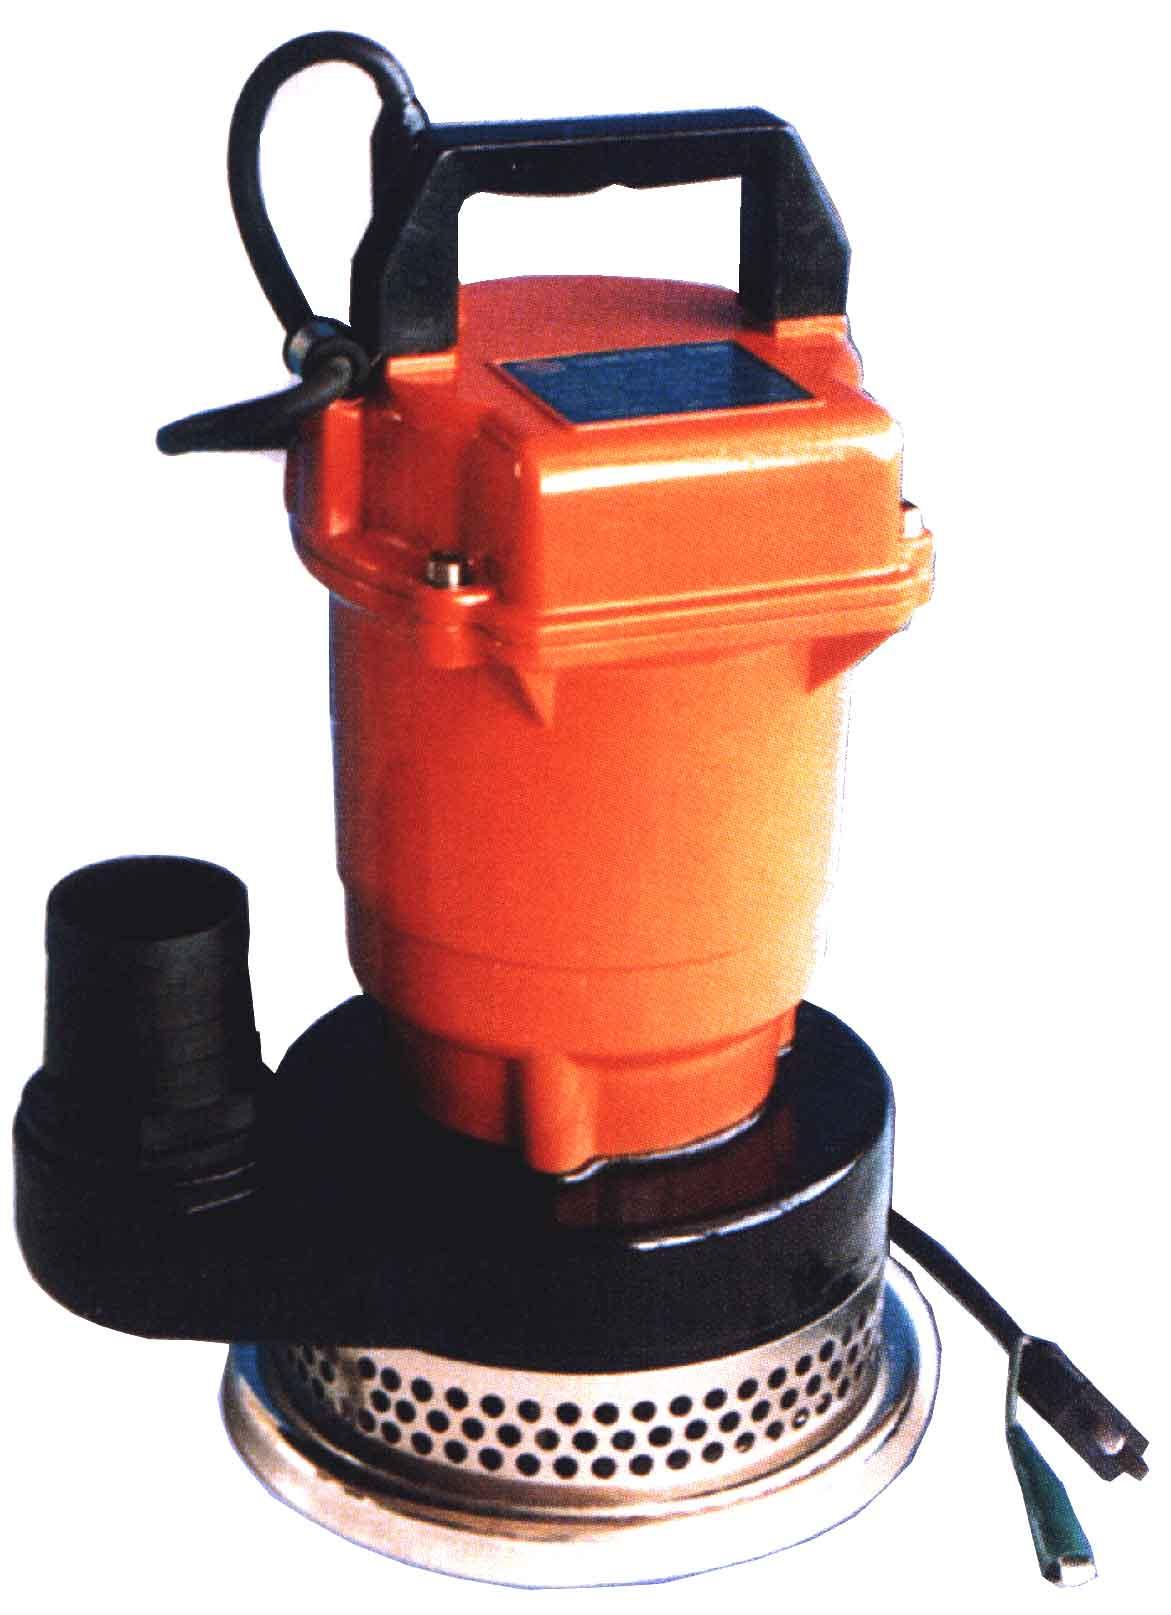 ปั้มน้ำ แบบ ปั๊มแช่อลูมิเนียม submersible pump/ZUZ-85